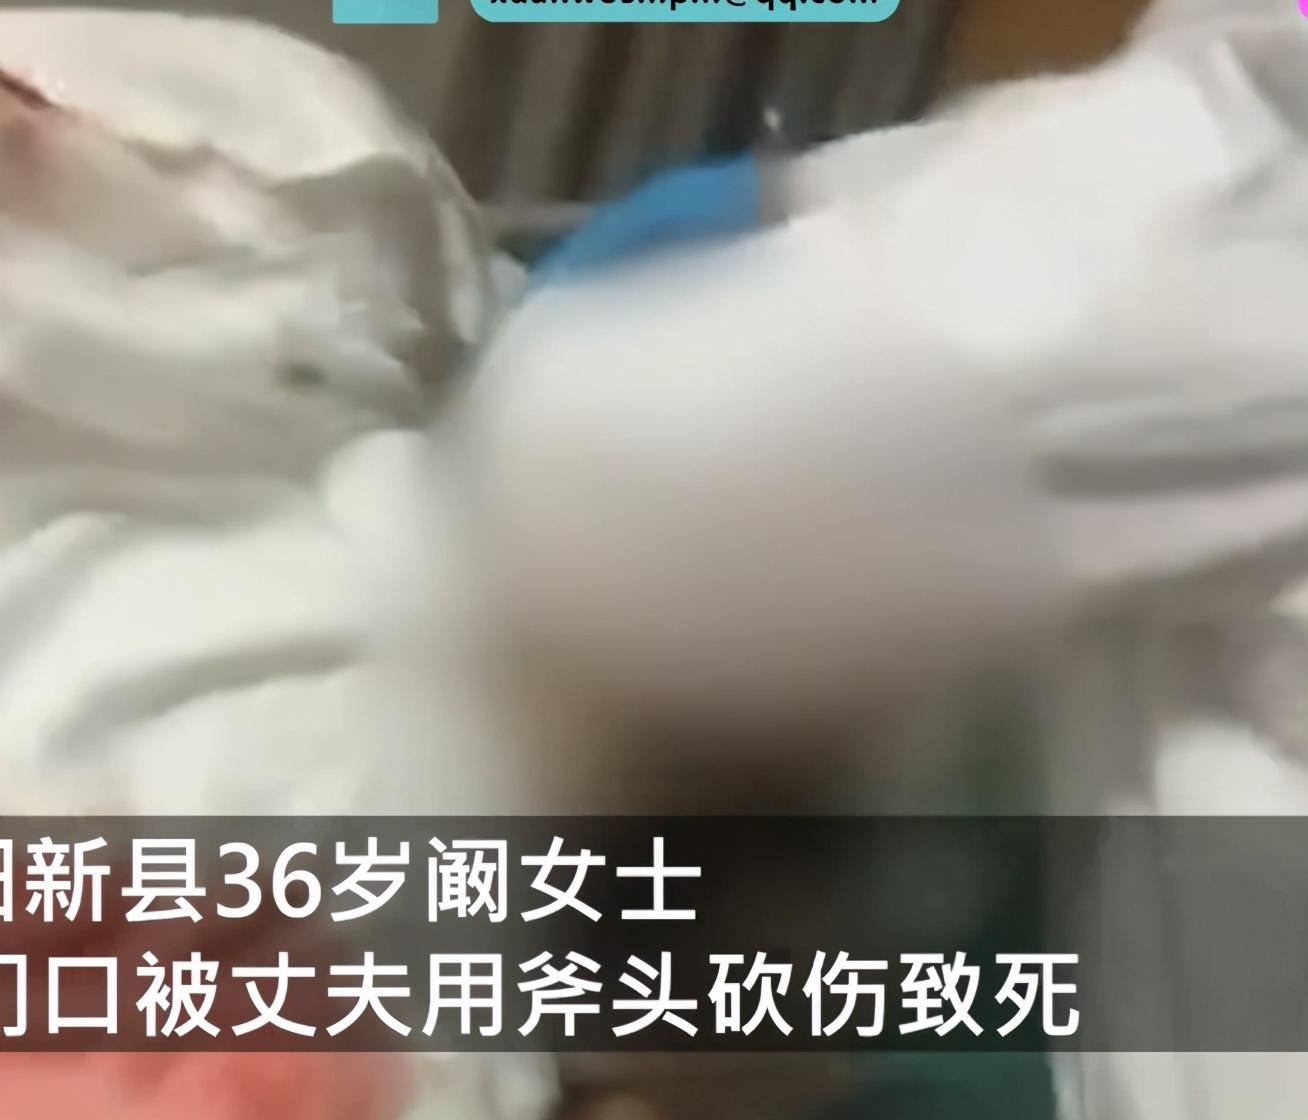 女子遭家暴起诉离婚被丈夫持斧砍杀,姐姐:仅面部就有19个伤口